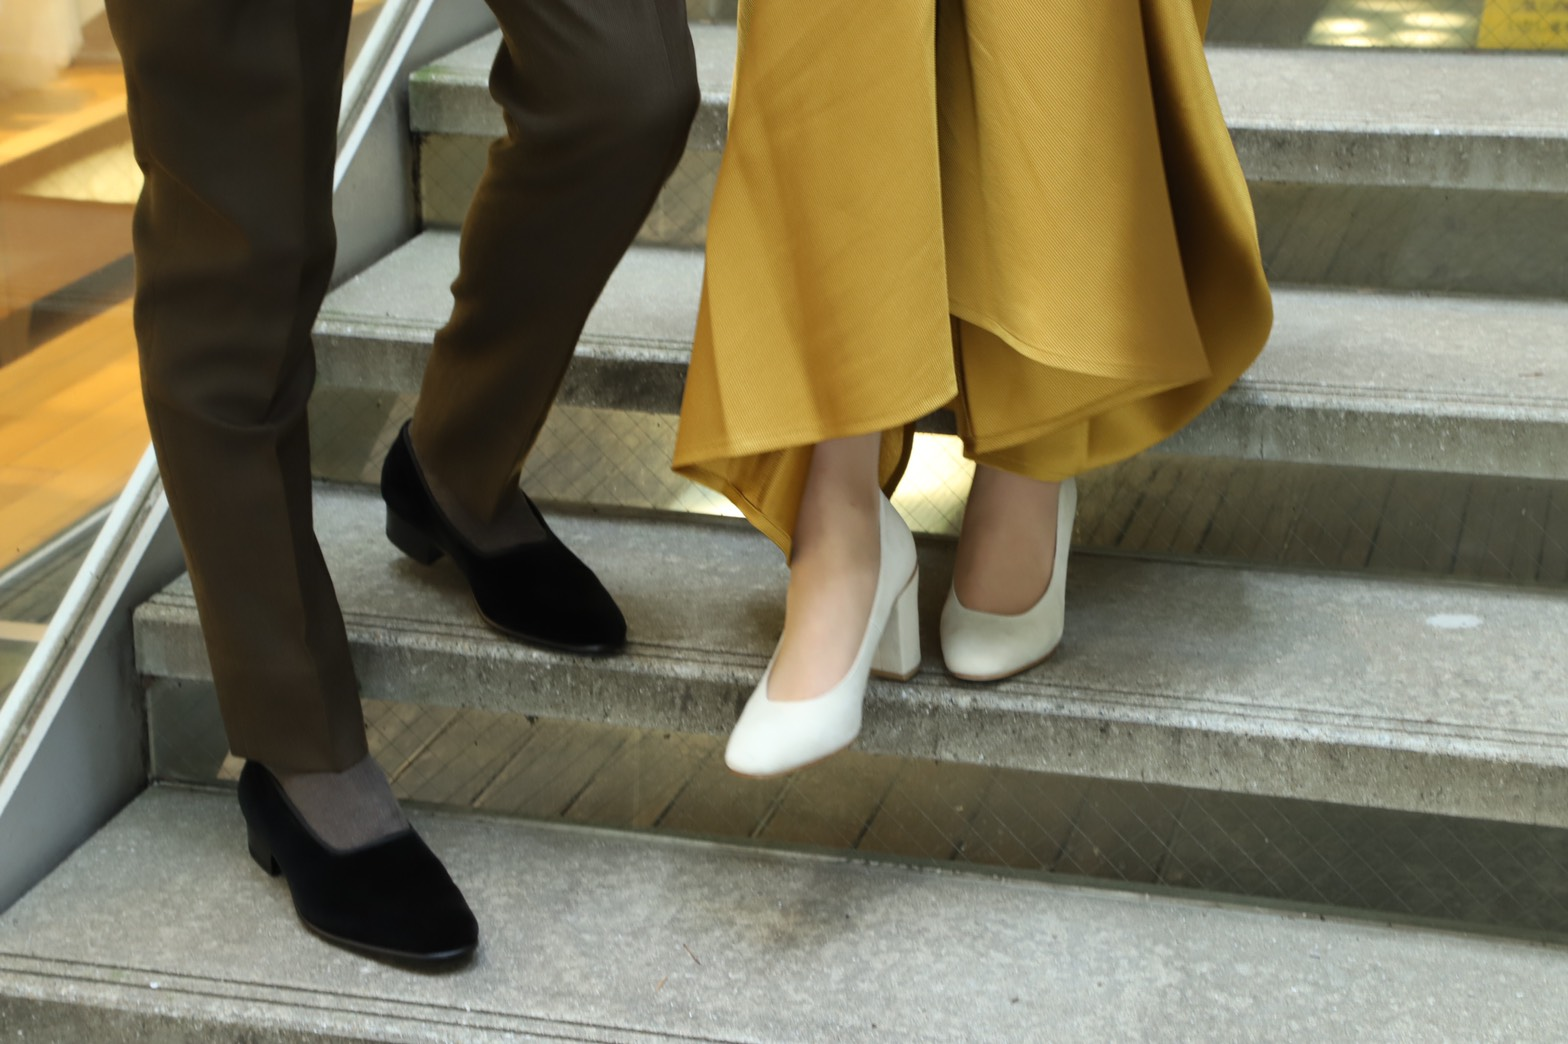 足元を彩るのはイエローのカラードレスに映えるスウェードのパンプスシューズを合わせるのもお勧めです